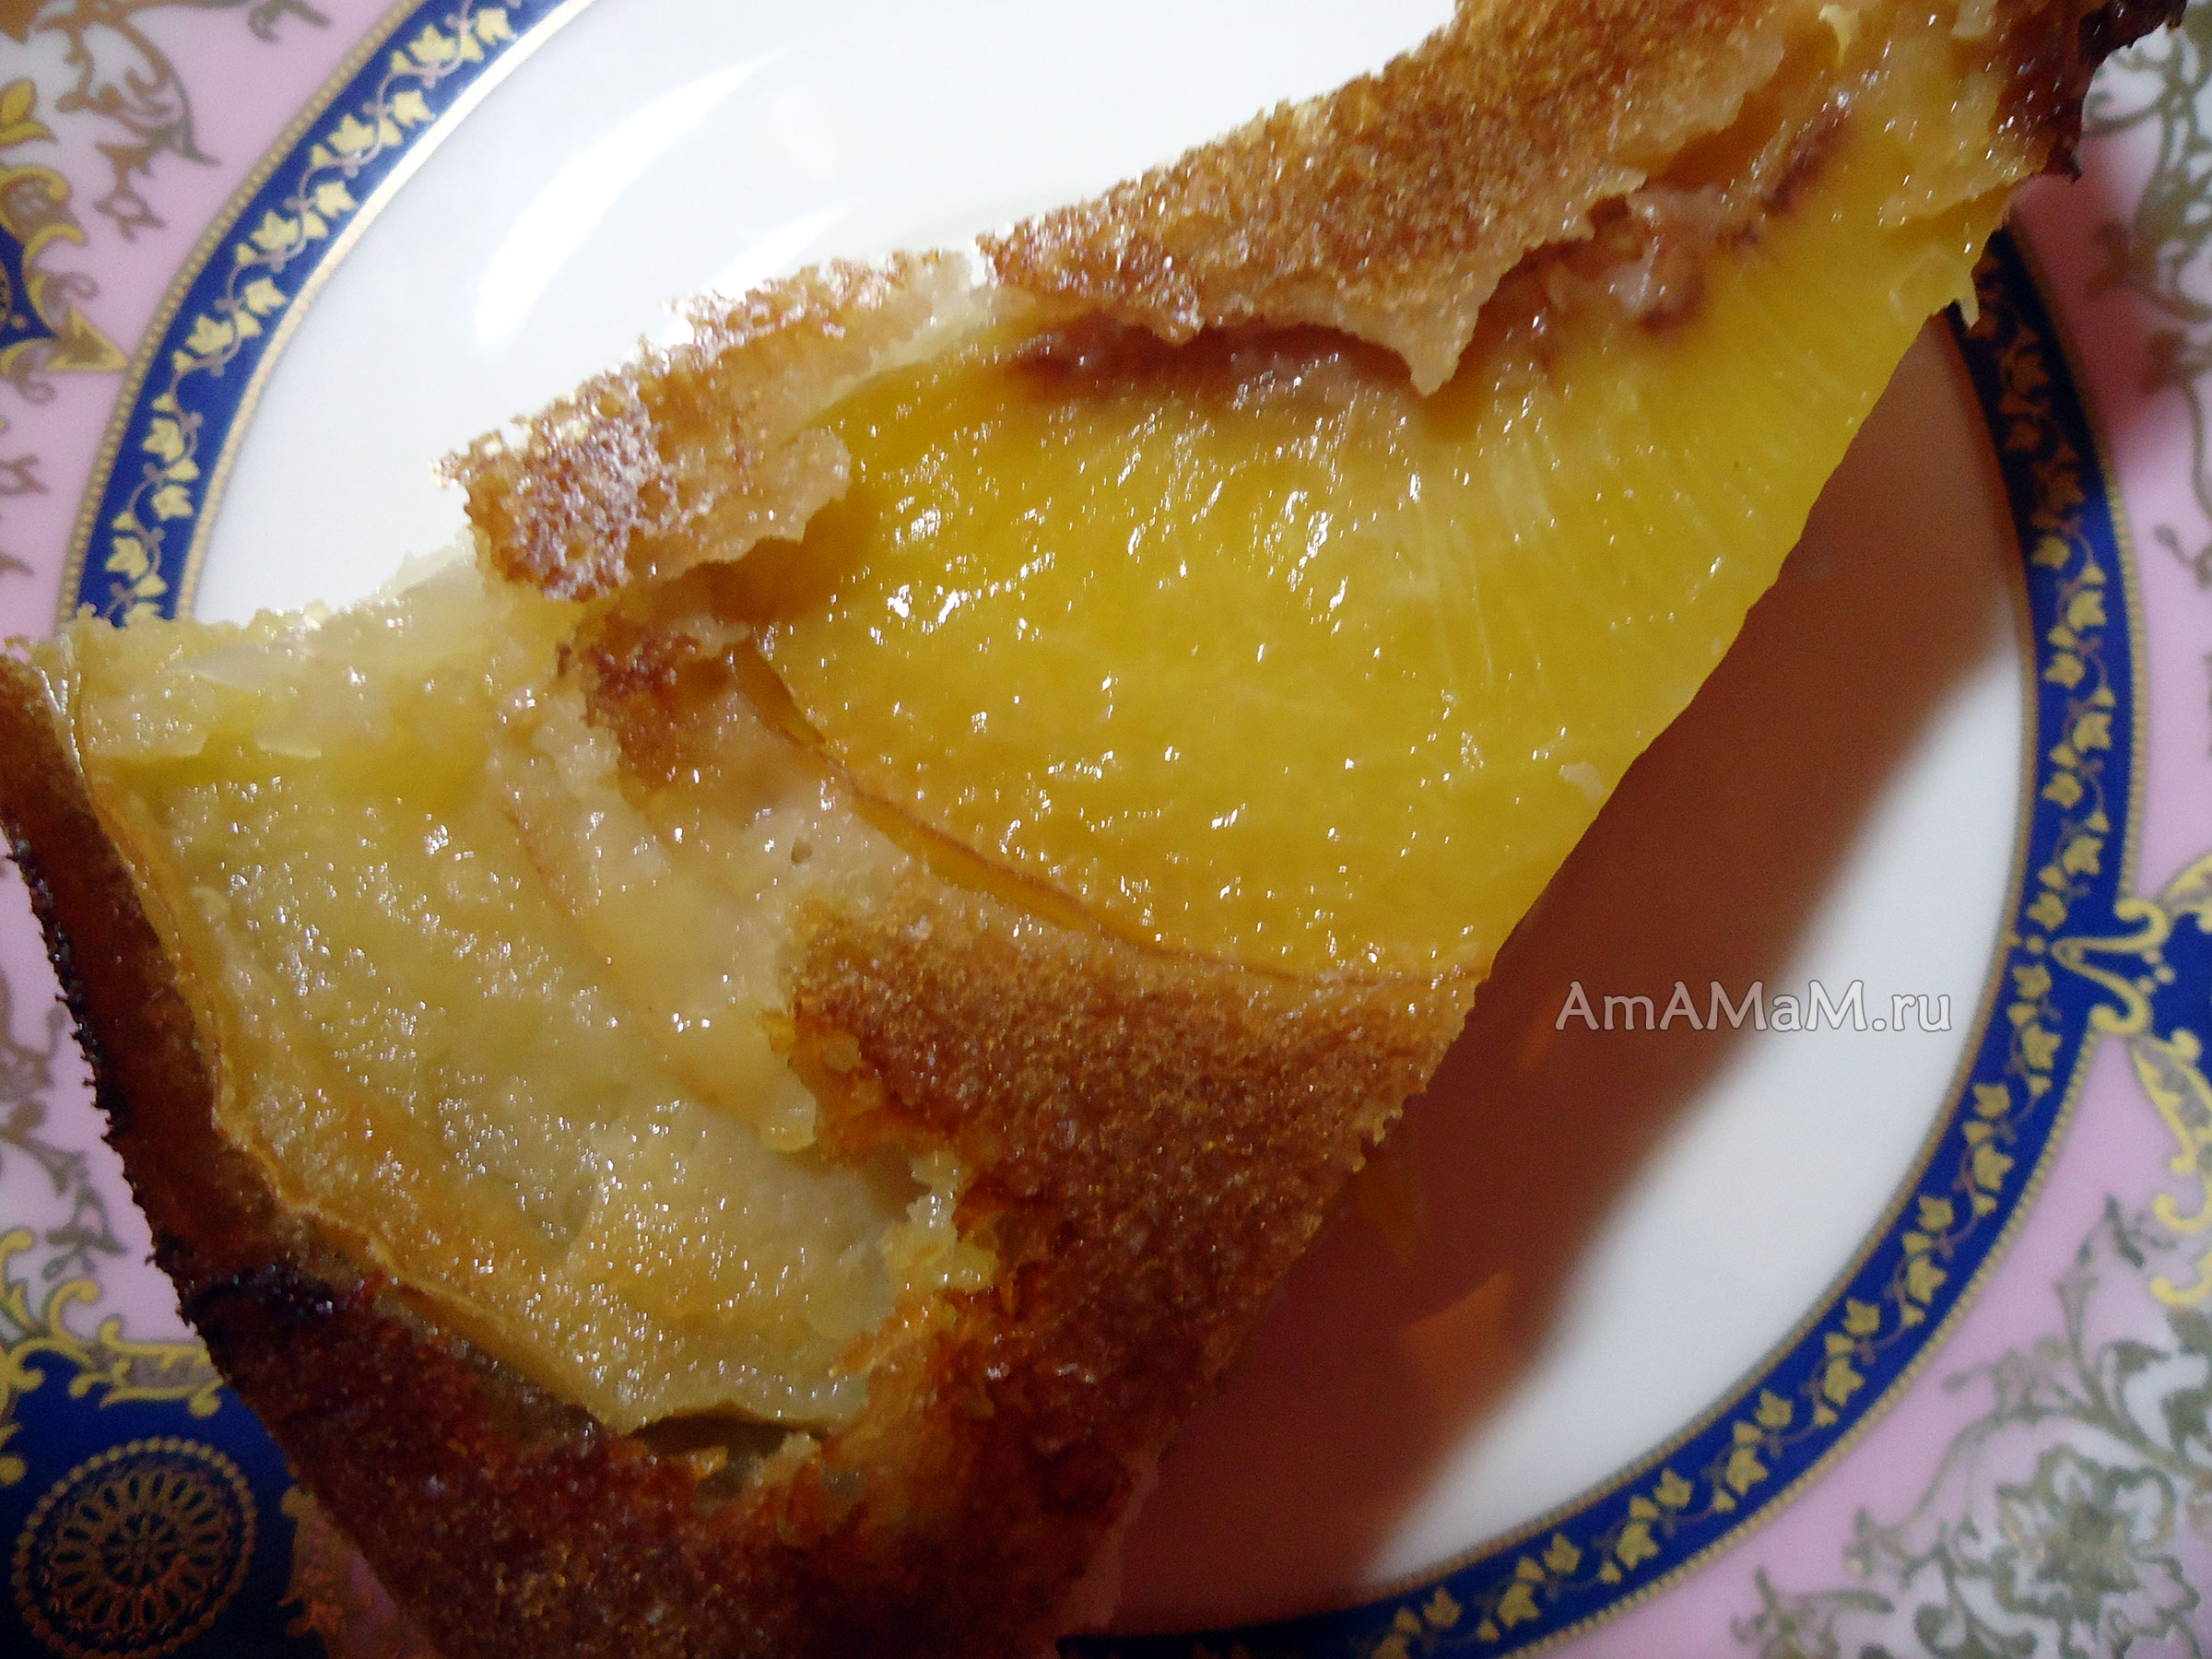 Бисквит с персиками консервированными рецепт с фото